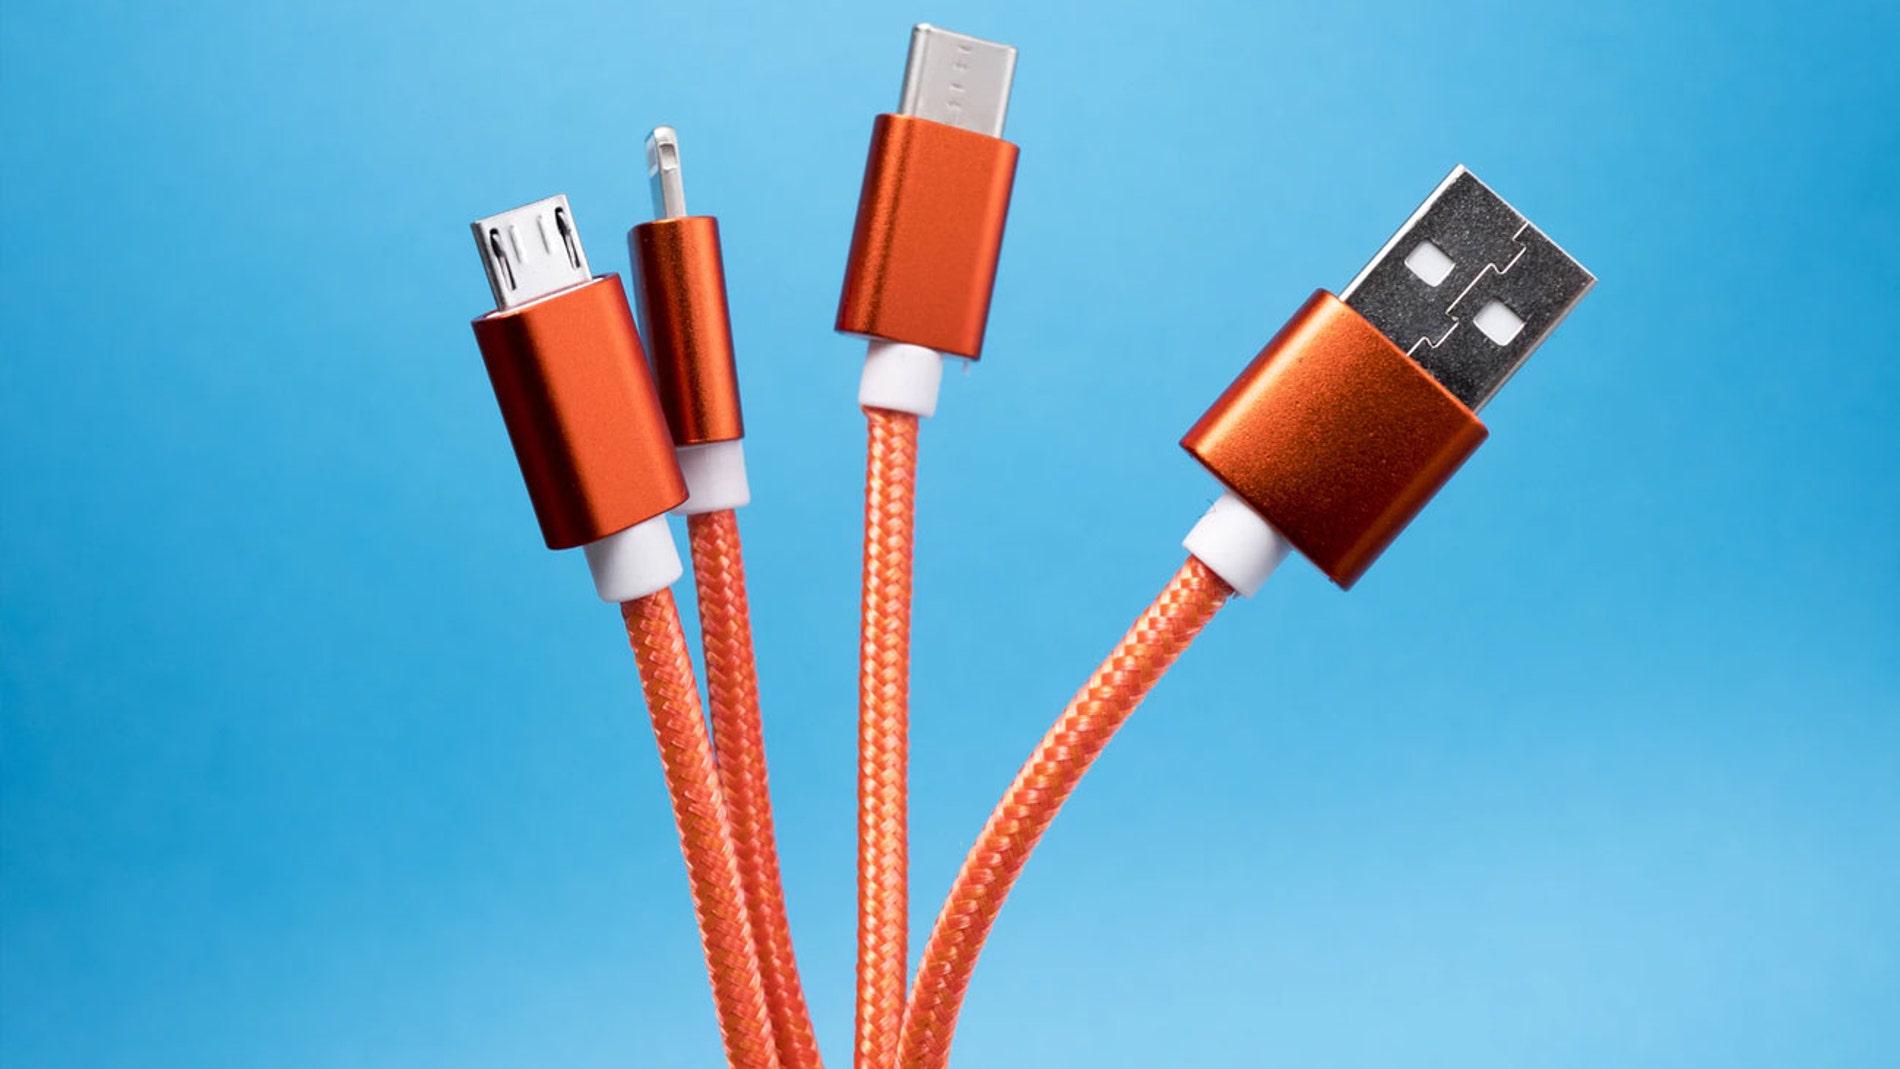 Estándar USB-C (3º izq.), el preferido de la Unión Europea.